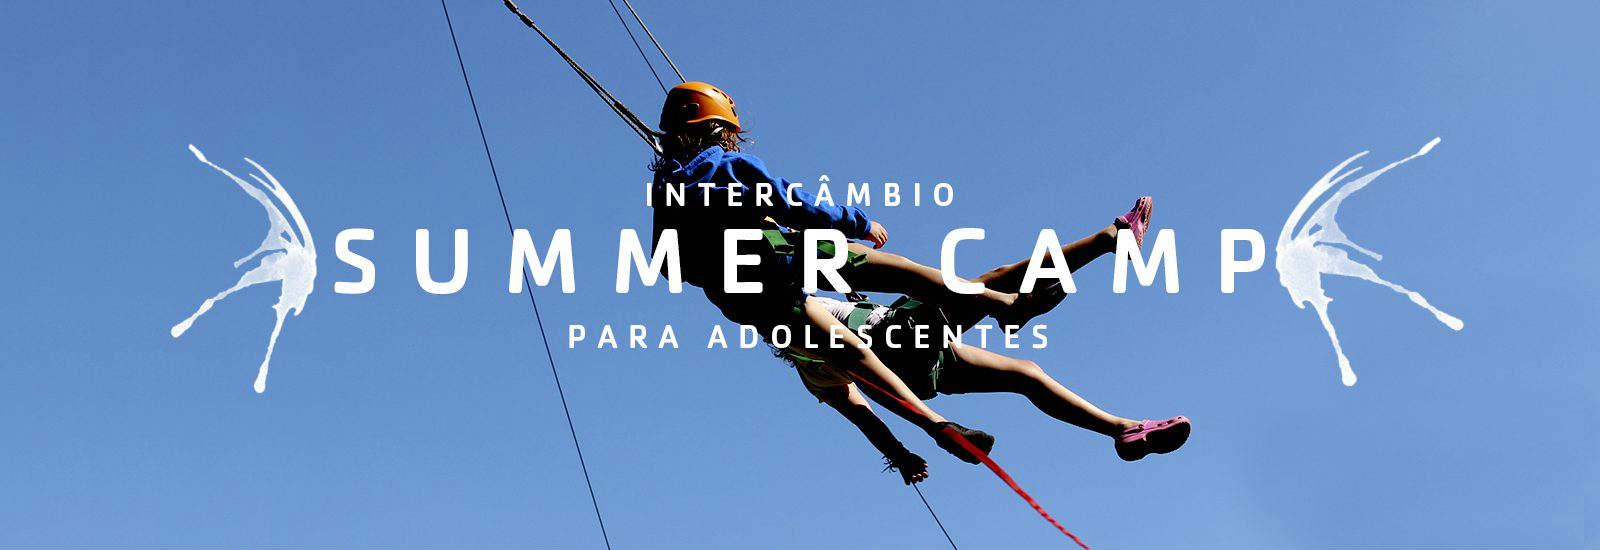 banner summer camp intercambio USA acampamento verao aventura jovens Belo horizonte Ed - Aluguel de Veículos